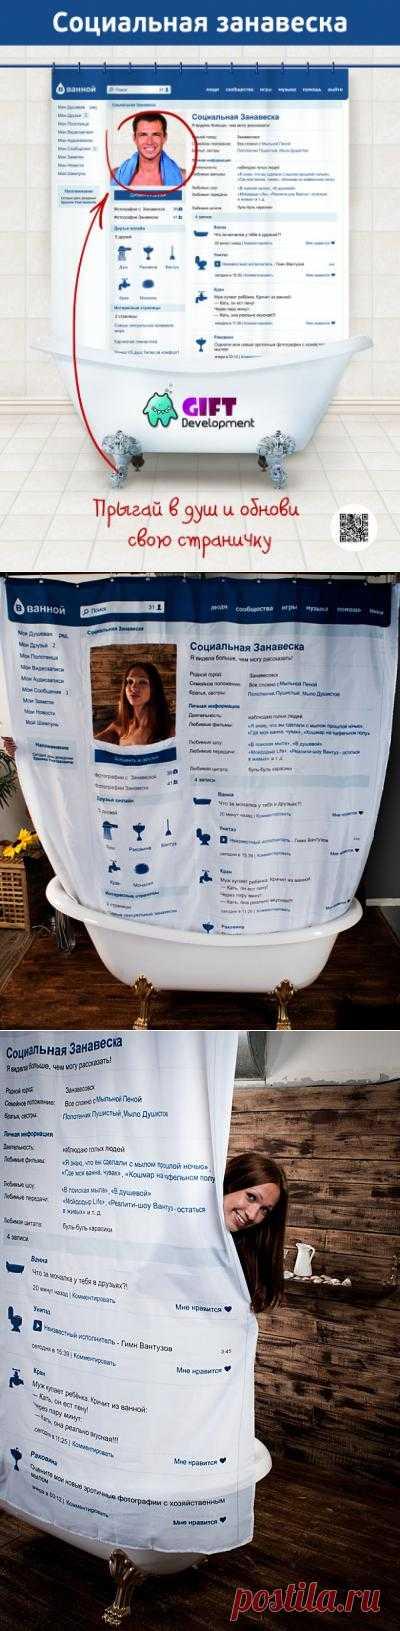 """Социальная занавеска """"Вконтакте"""" в ванную - 1450 руб"""